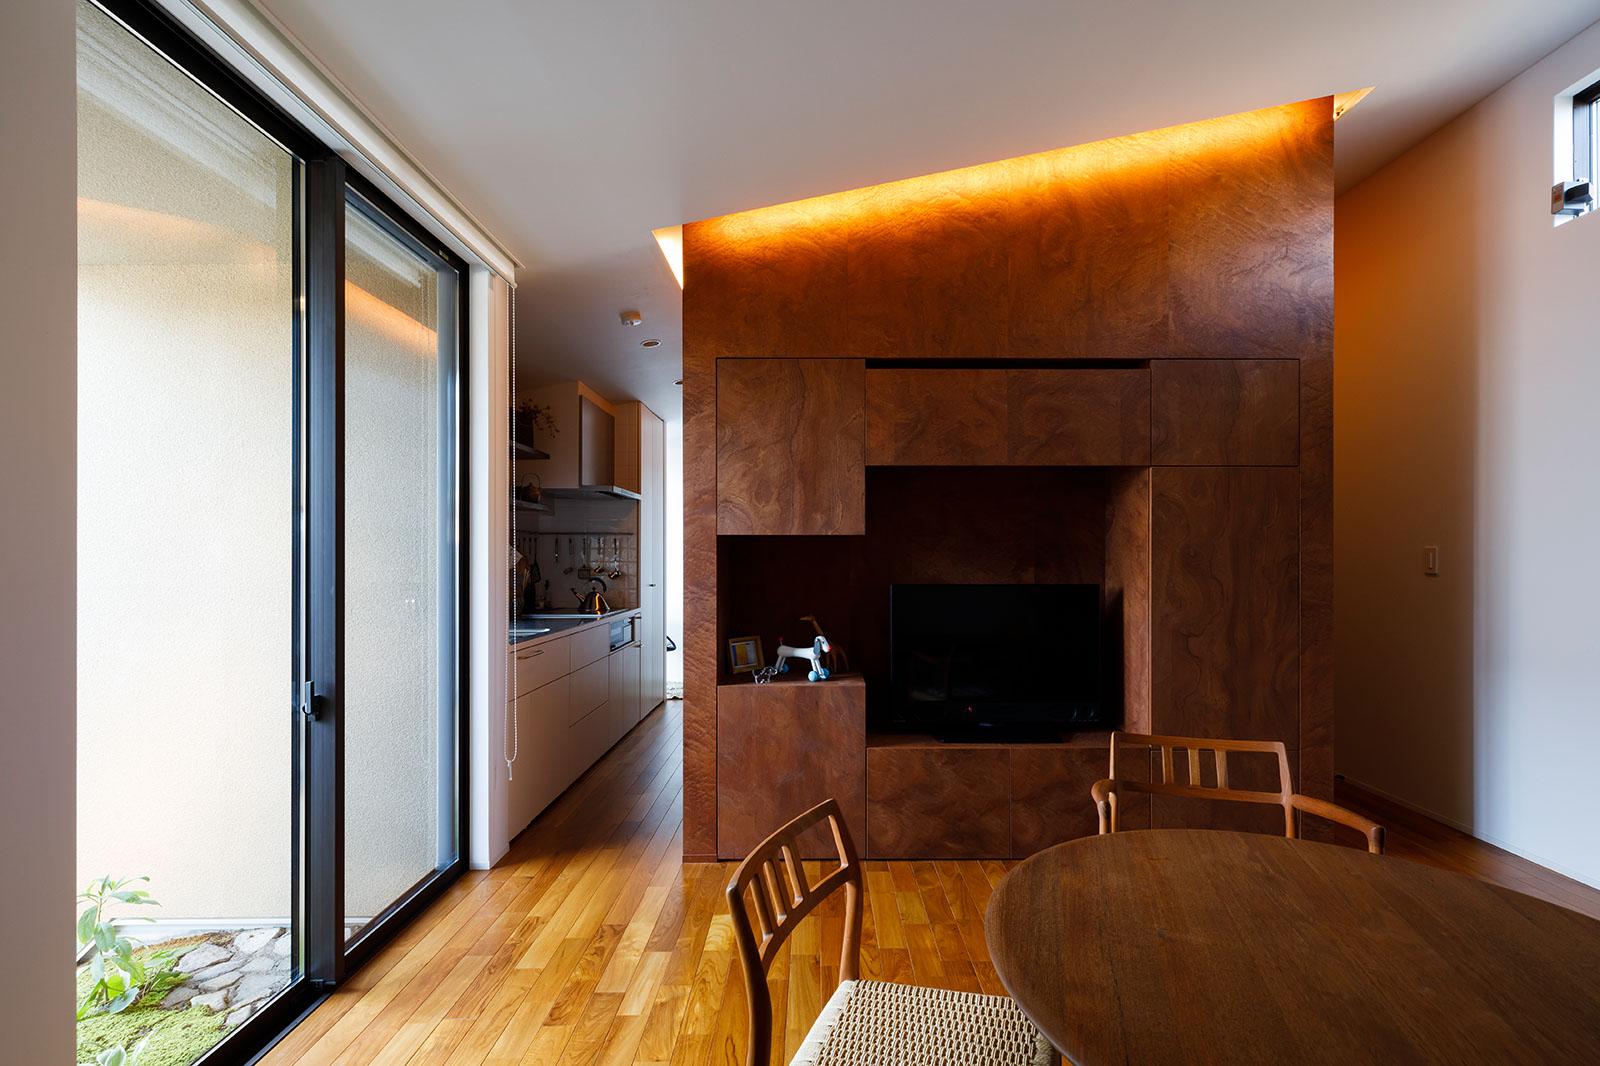 フローリングの延長のような、造作のテレビ台兼収納壁面が天井まで伸びている。裏手はトイレや洗面などがあるパウダールーム